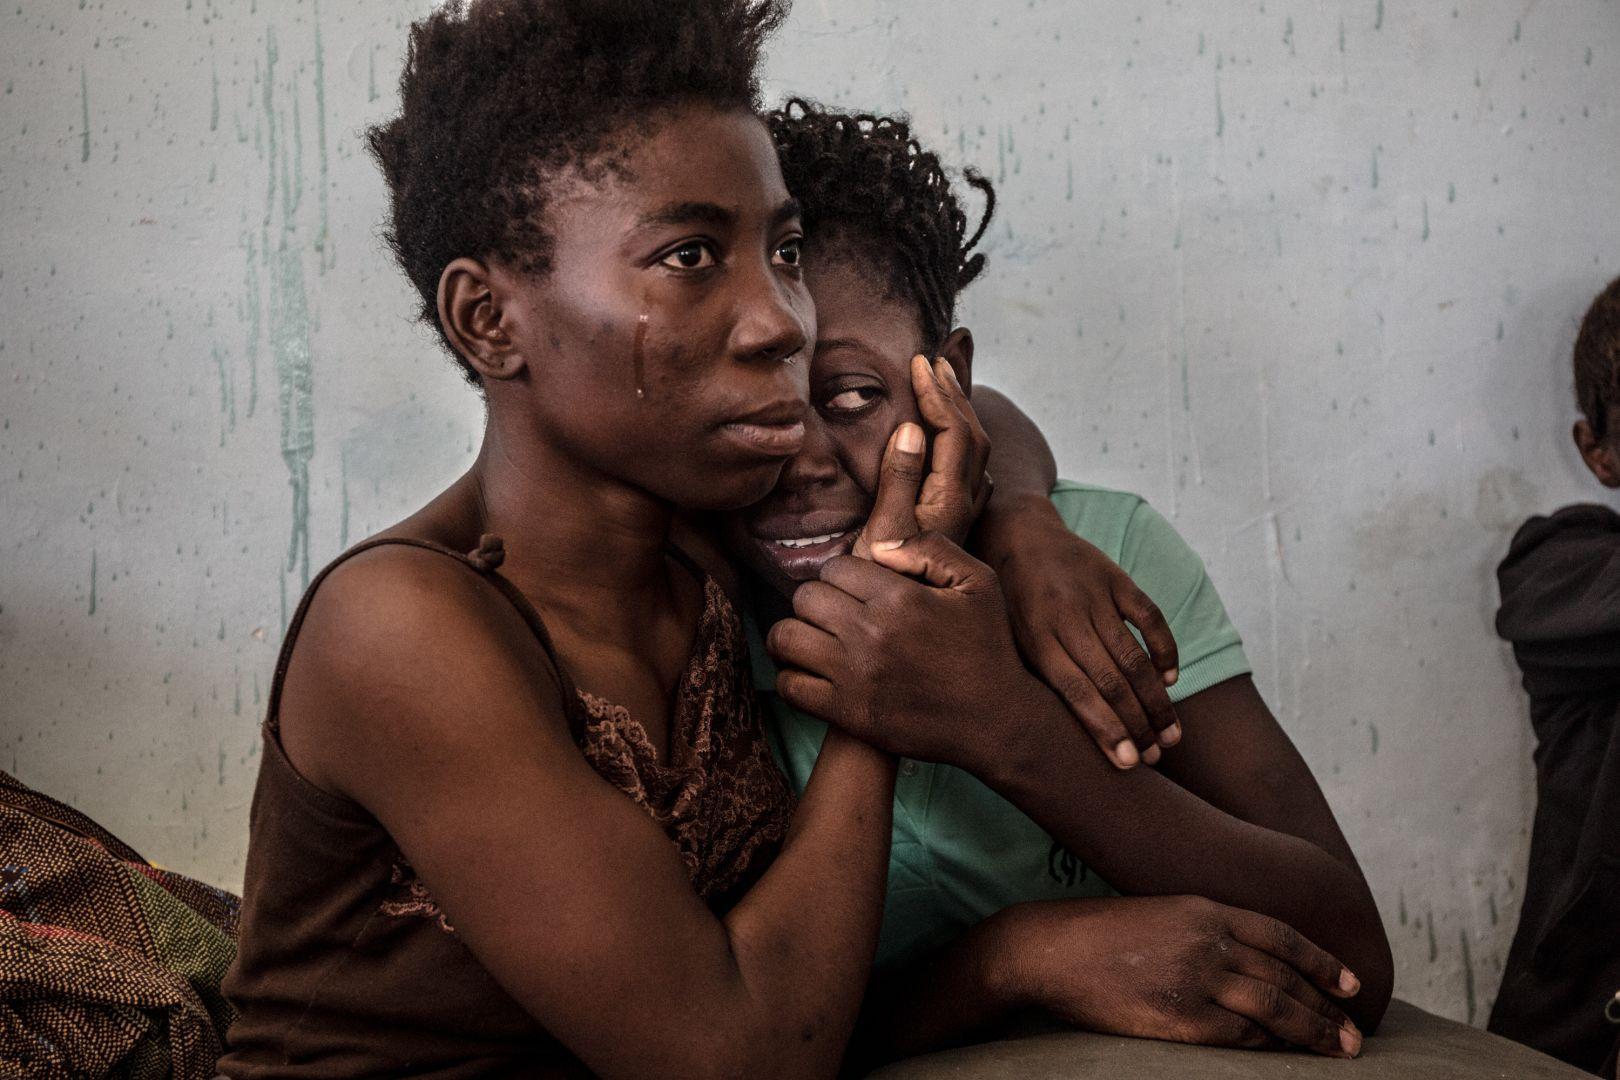 Ливийская пойманная мигрантка, © Даниэль Эттер, Германия, Фотоконкурс World Press Photo